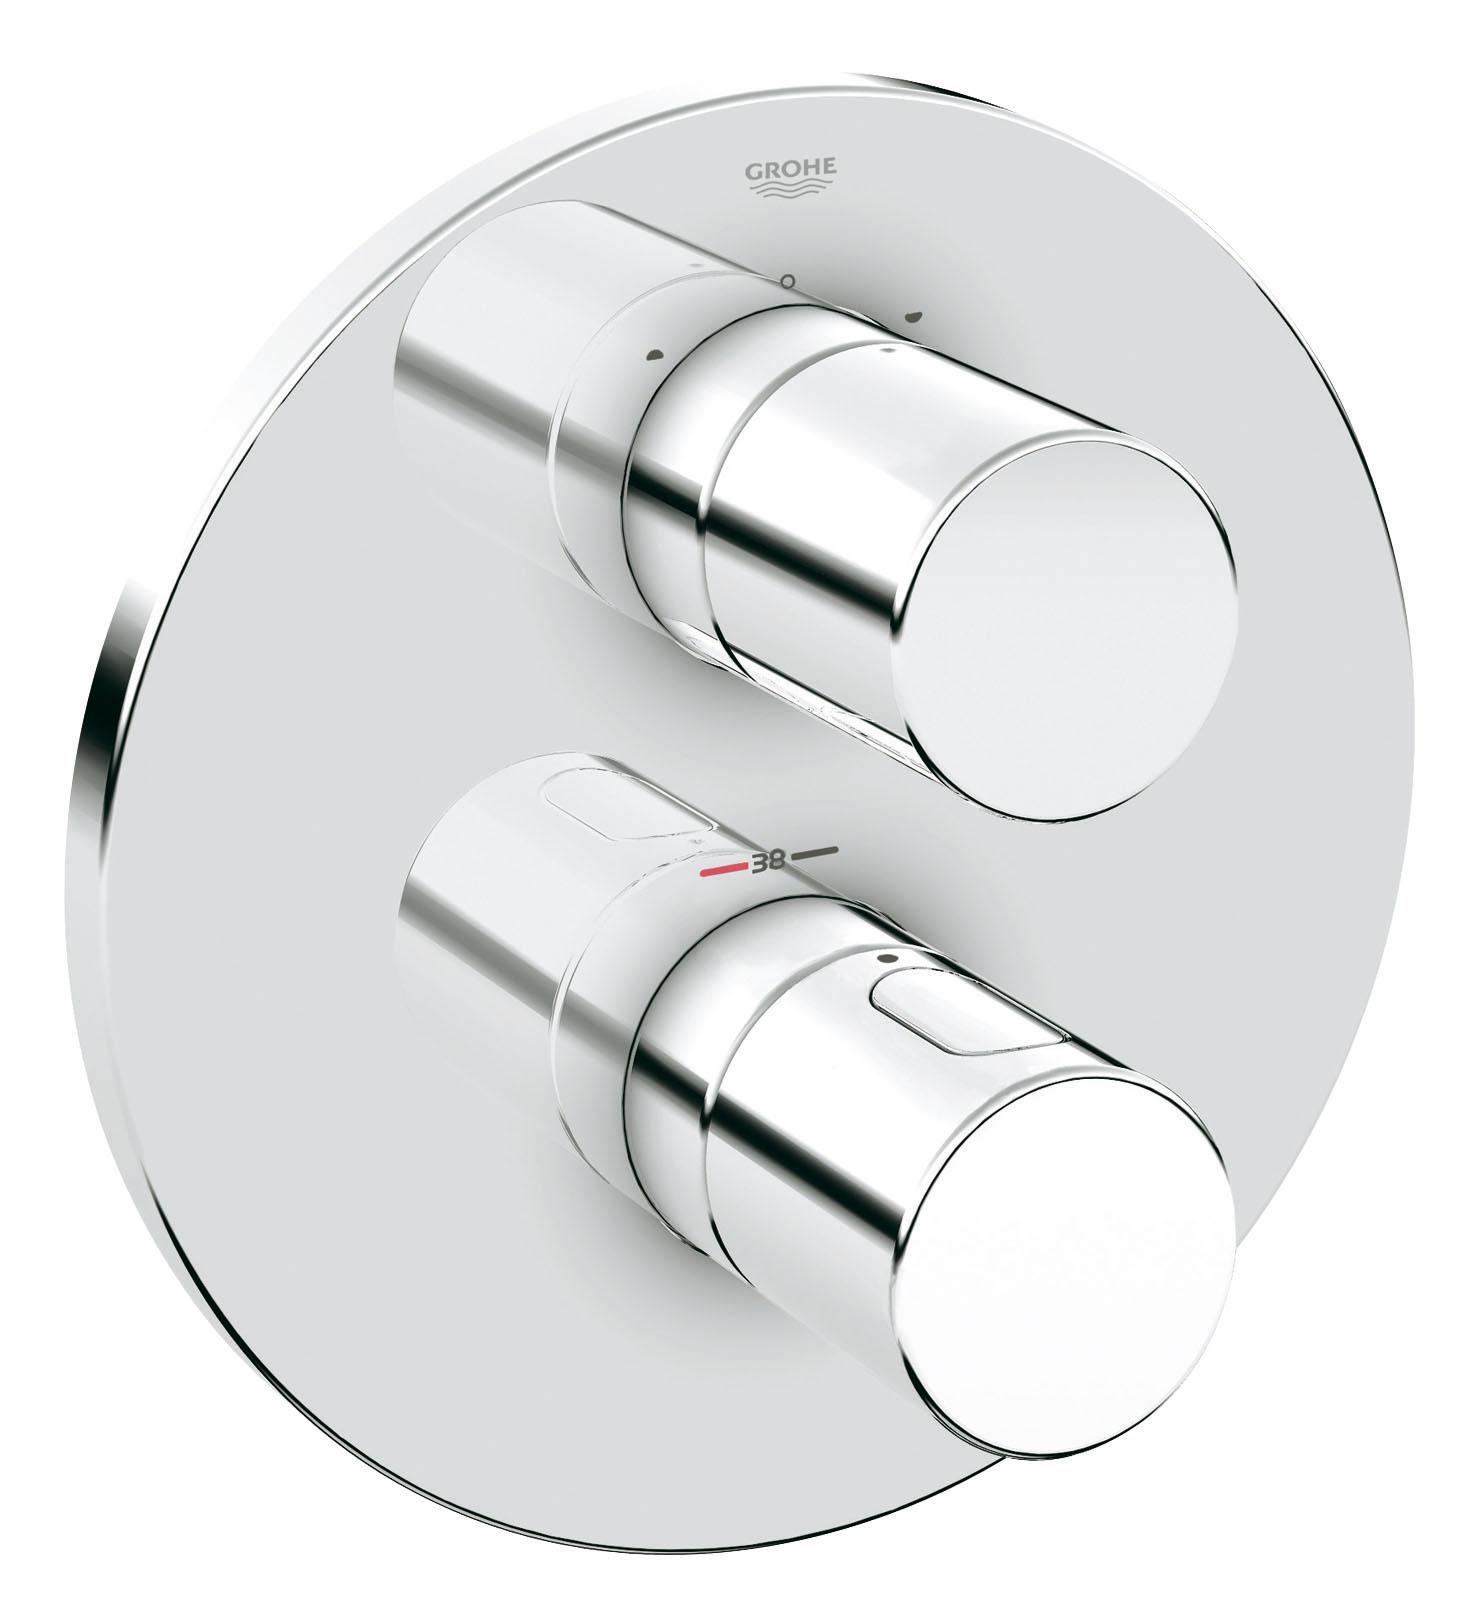 Термостатический смеситель для ванны GROHE Grohtherm 3000 Cosmopolitan (внешняя панель для арт. 35500000) (19468000)68/5/3Комплект верхней монтажной части для GROHE Rapido T 35 500 000Без встраиваемого механизмаGROHE StarLight хромированная поверхность Стопор безопасности при 38°CАквадиммер многофункциональный:Затвор воды и регулятор расходаПереключатель на 2 положенияС настенными розетками GROHE QuickFix ( скрытые эксцентрики, уплотнение, скрытый монтаж)